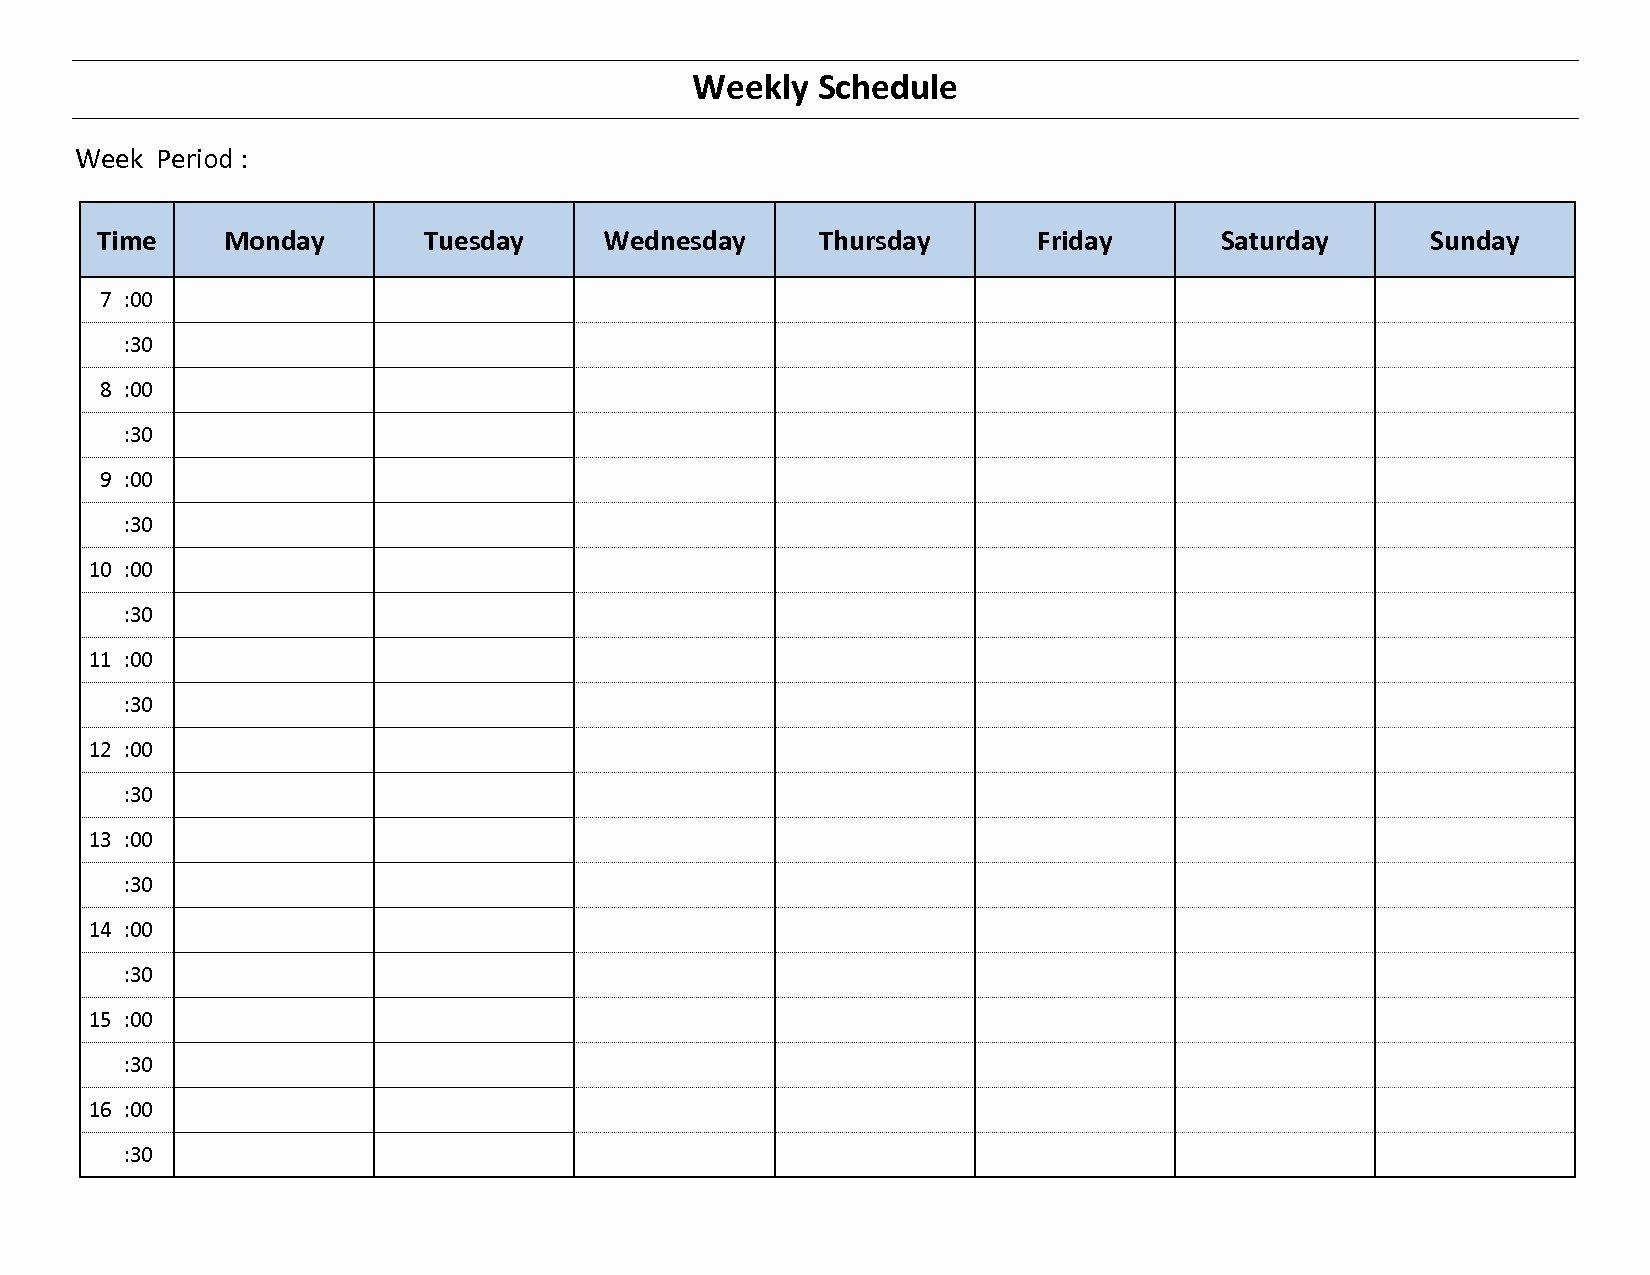 Week Planner Template Word Elegant 7 Day Weekly Planner Template Printable   Weekly Schedule